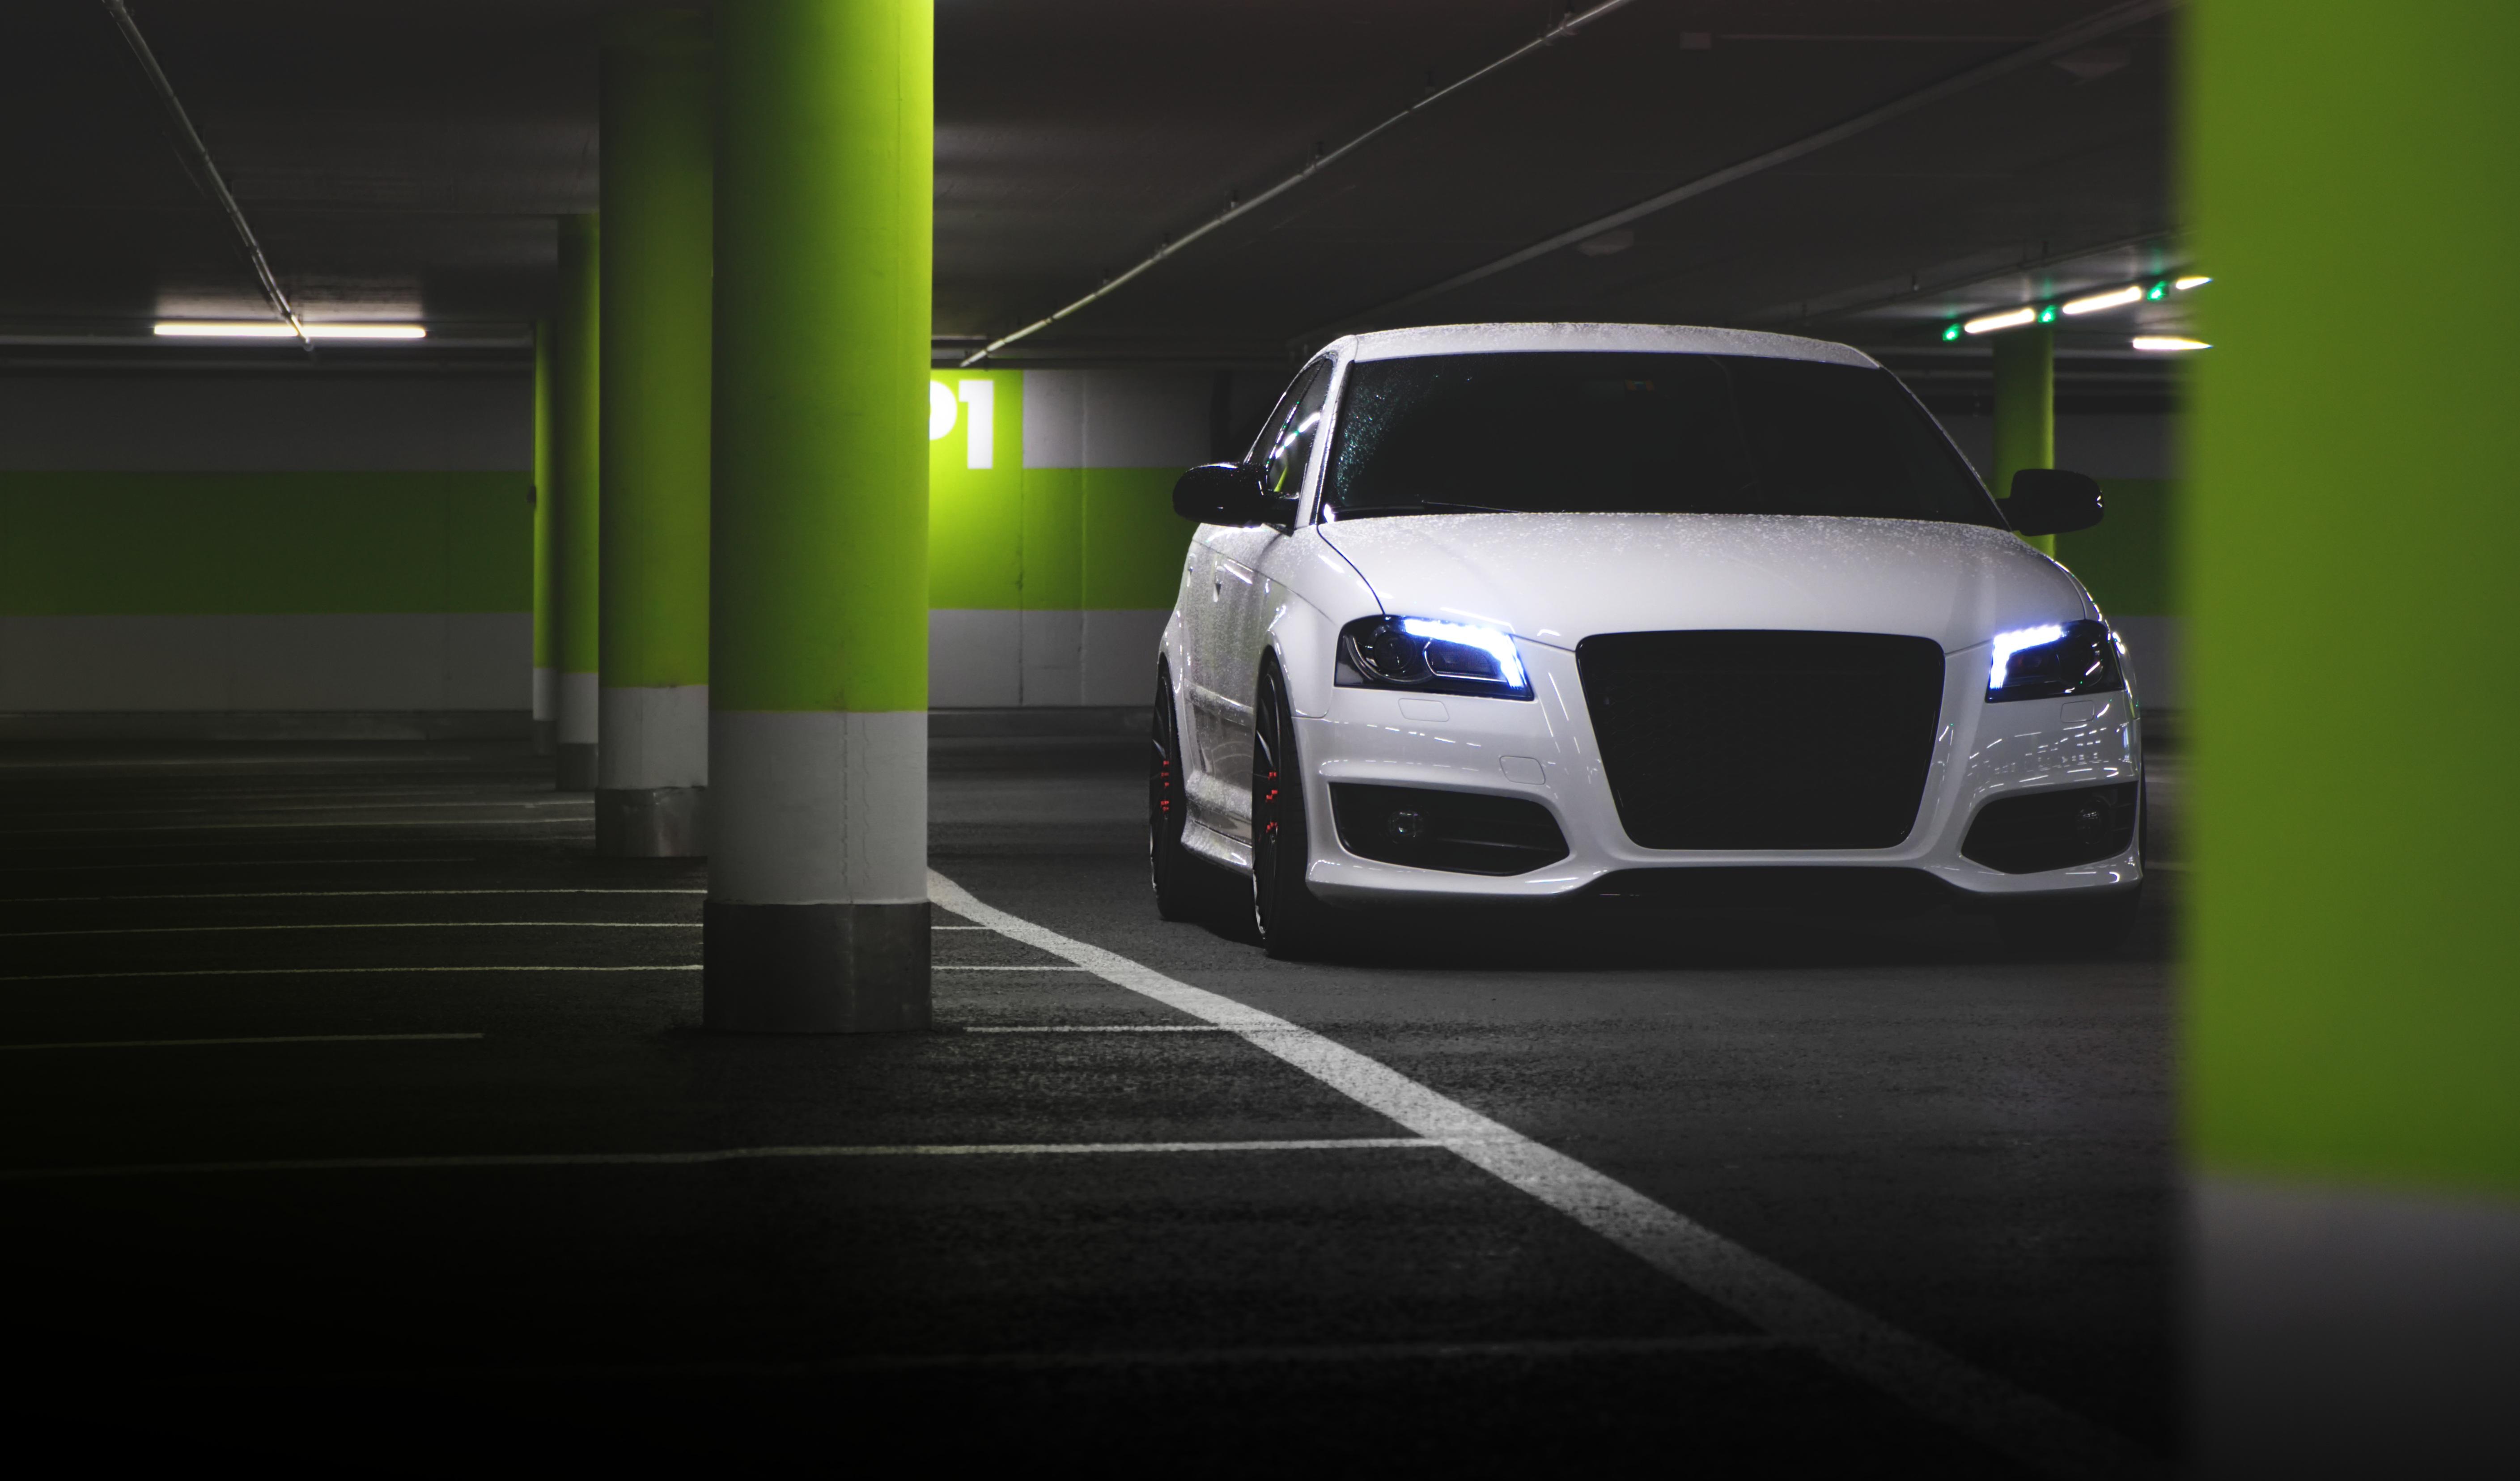 54245 Заставки и Обои Фары на телефон. Скачать Ауди (Audi), Тачки (Cars), Фары, Парковка, Стоянка картинки бесплатно